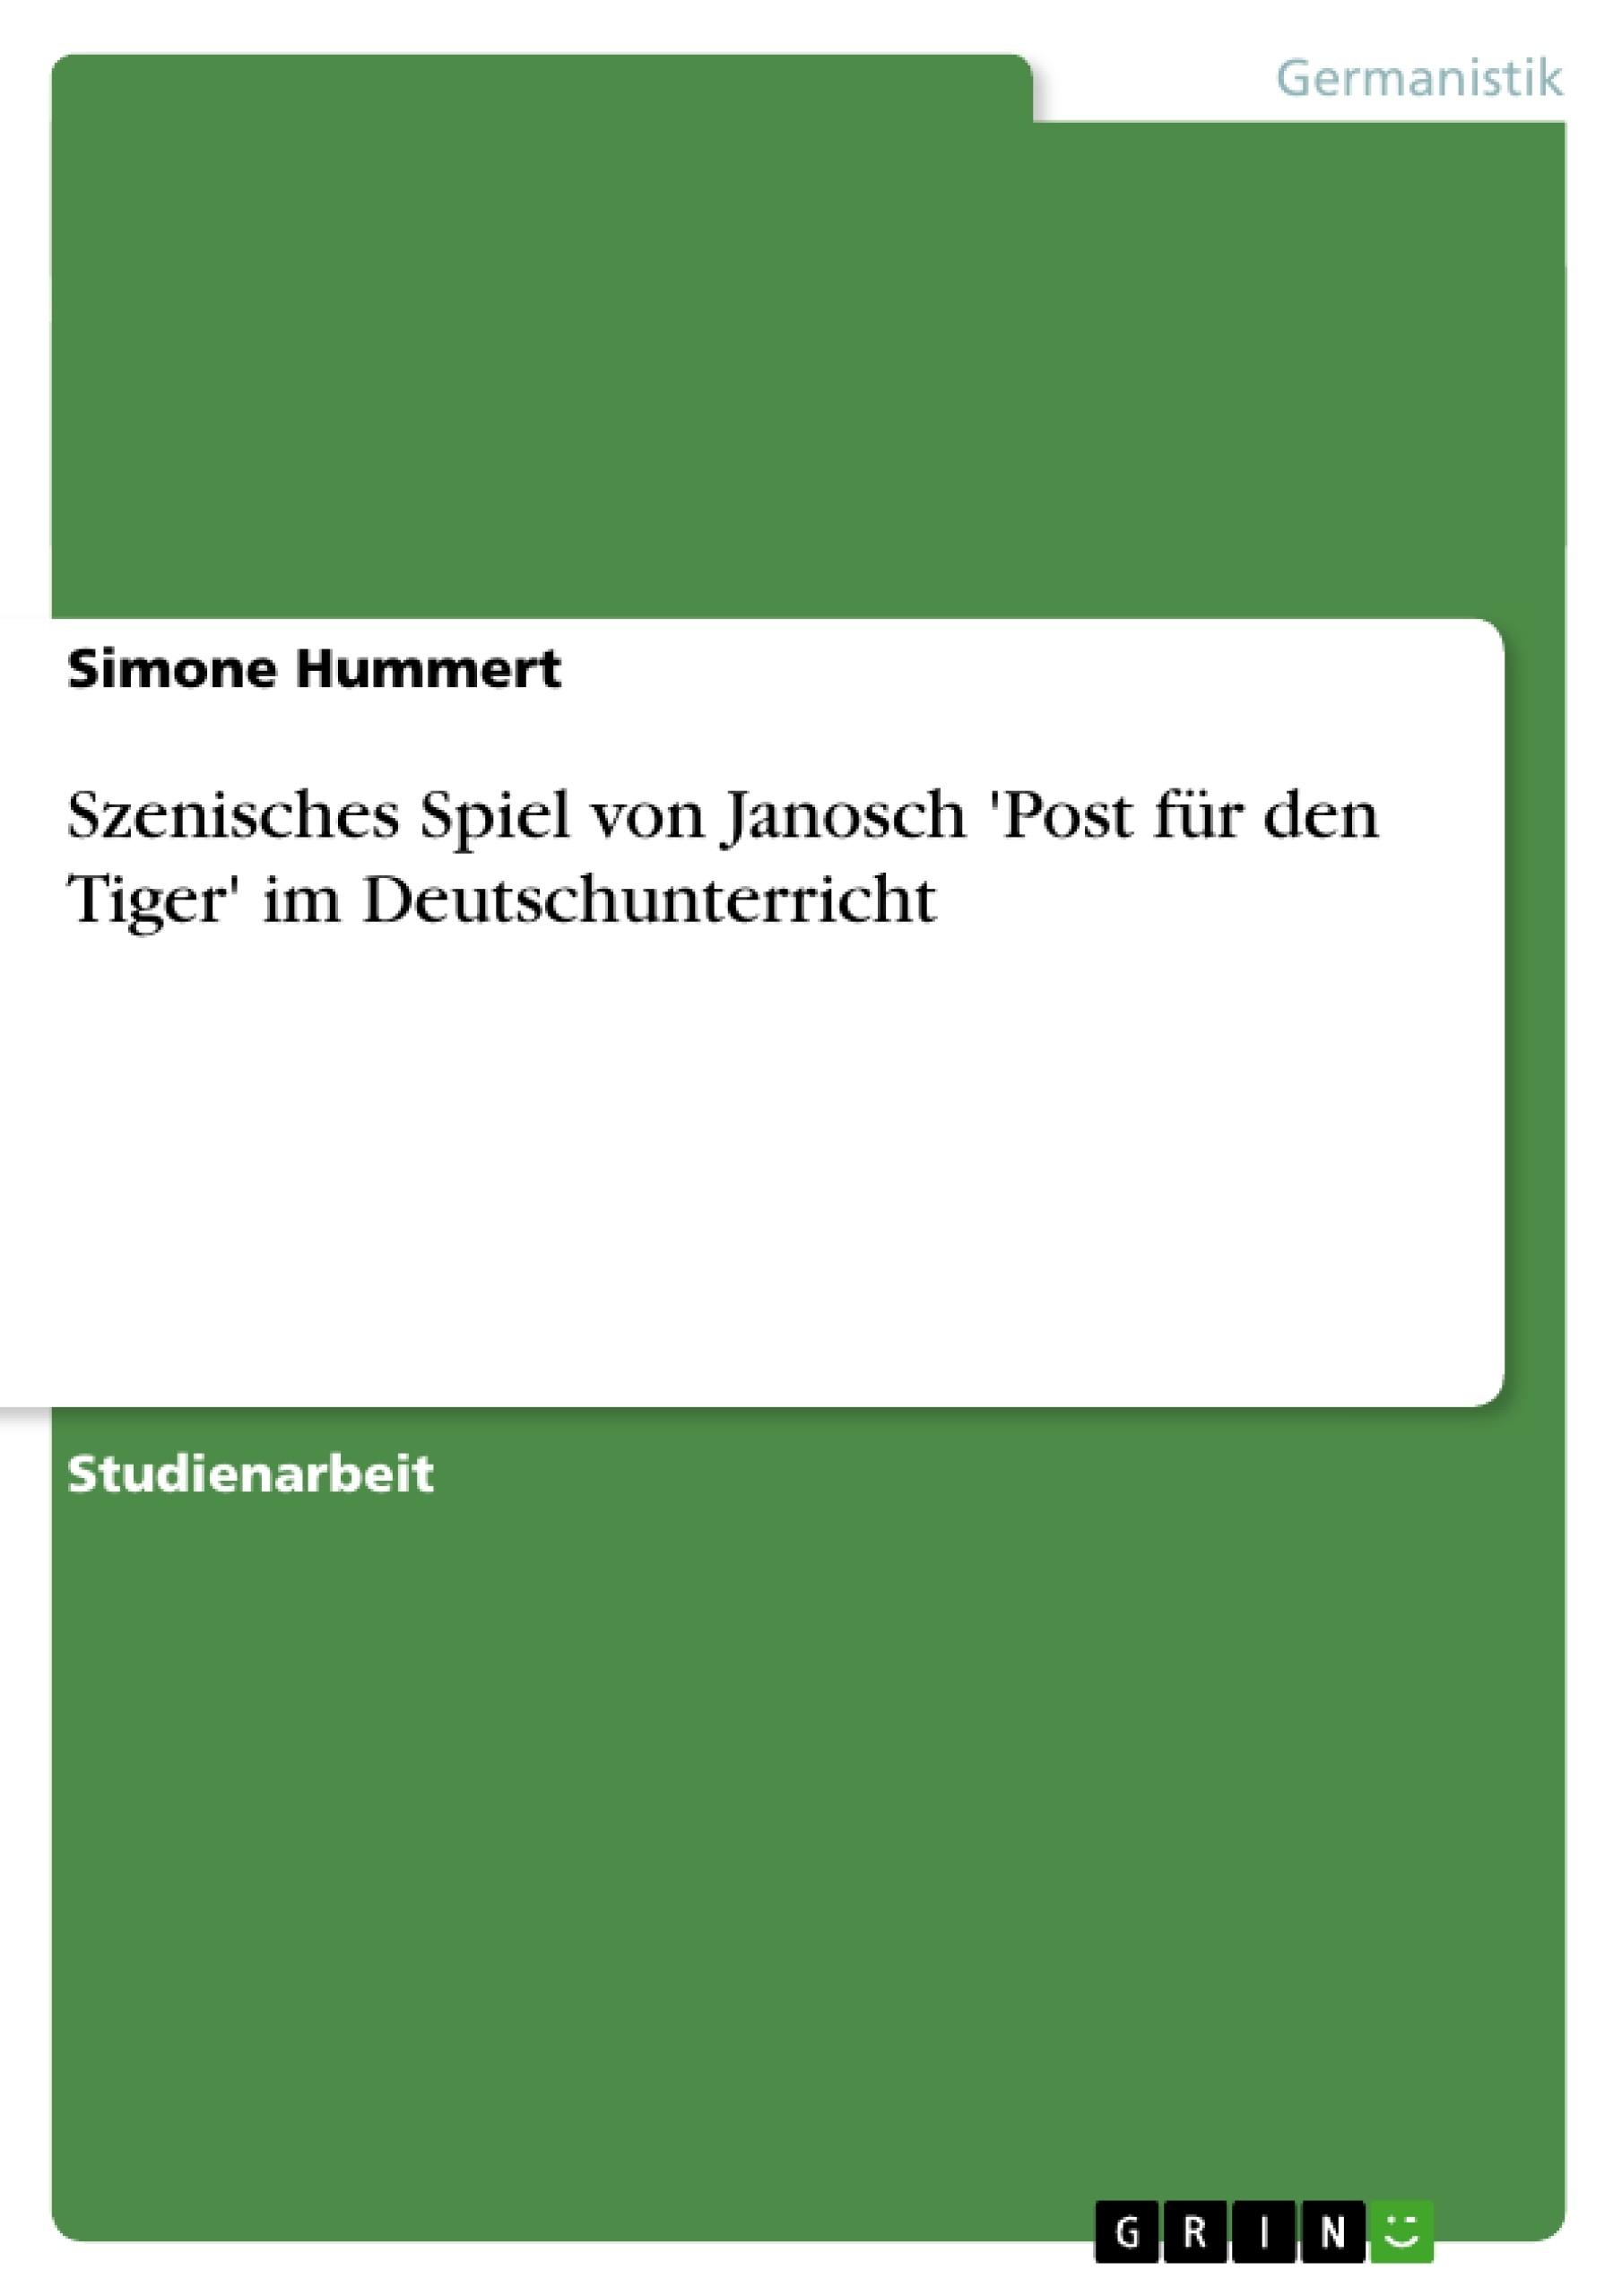 Titel: Szenisches Spiel von Janosch 'Post für den Tiger' im Deutschunterricht